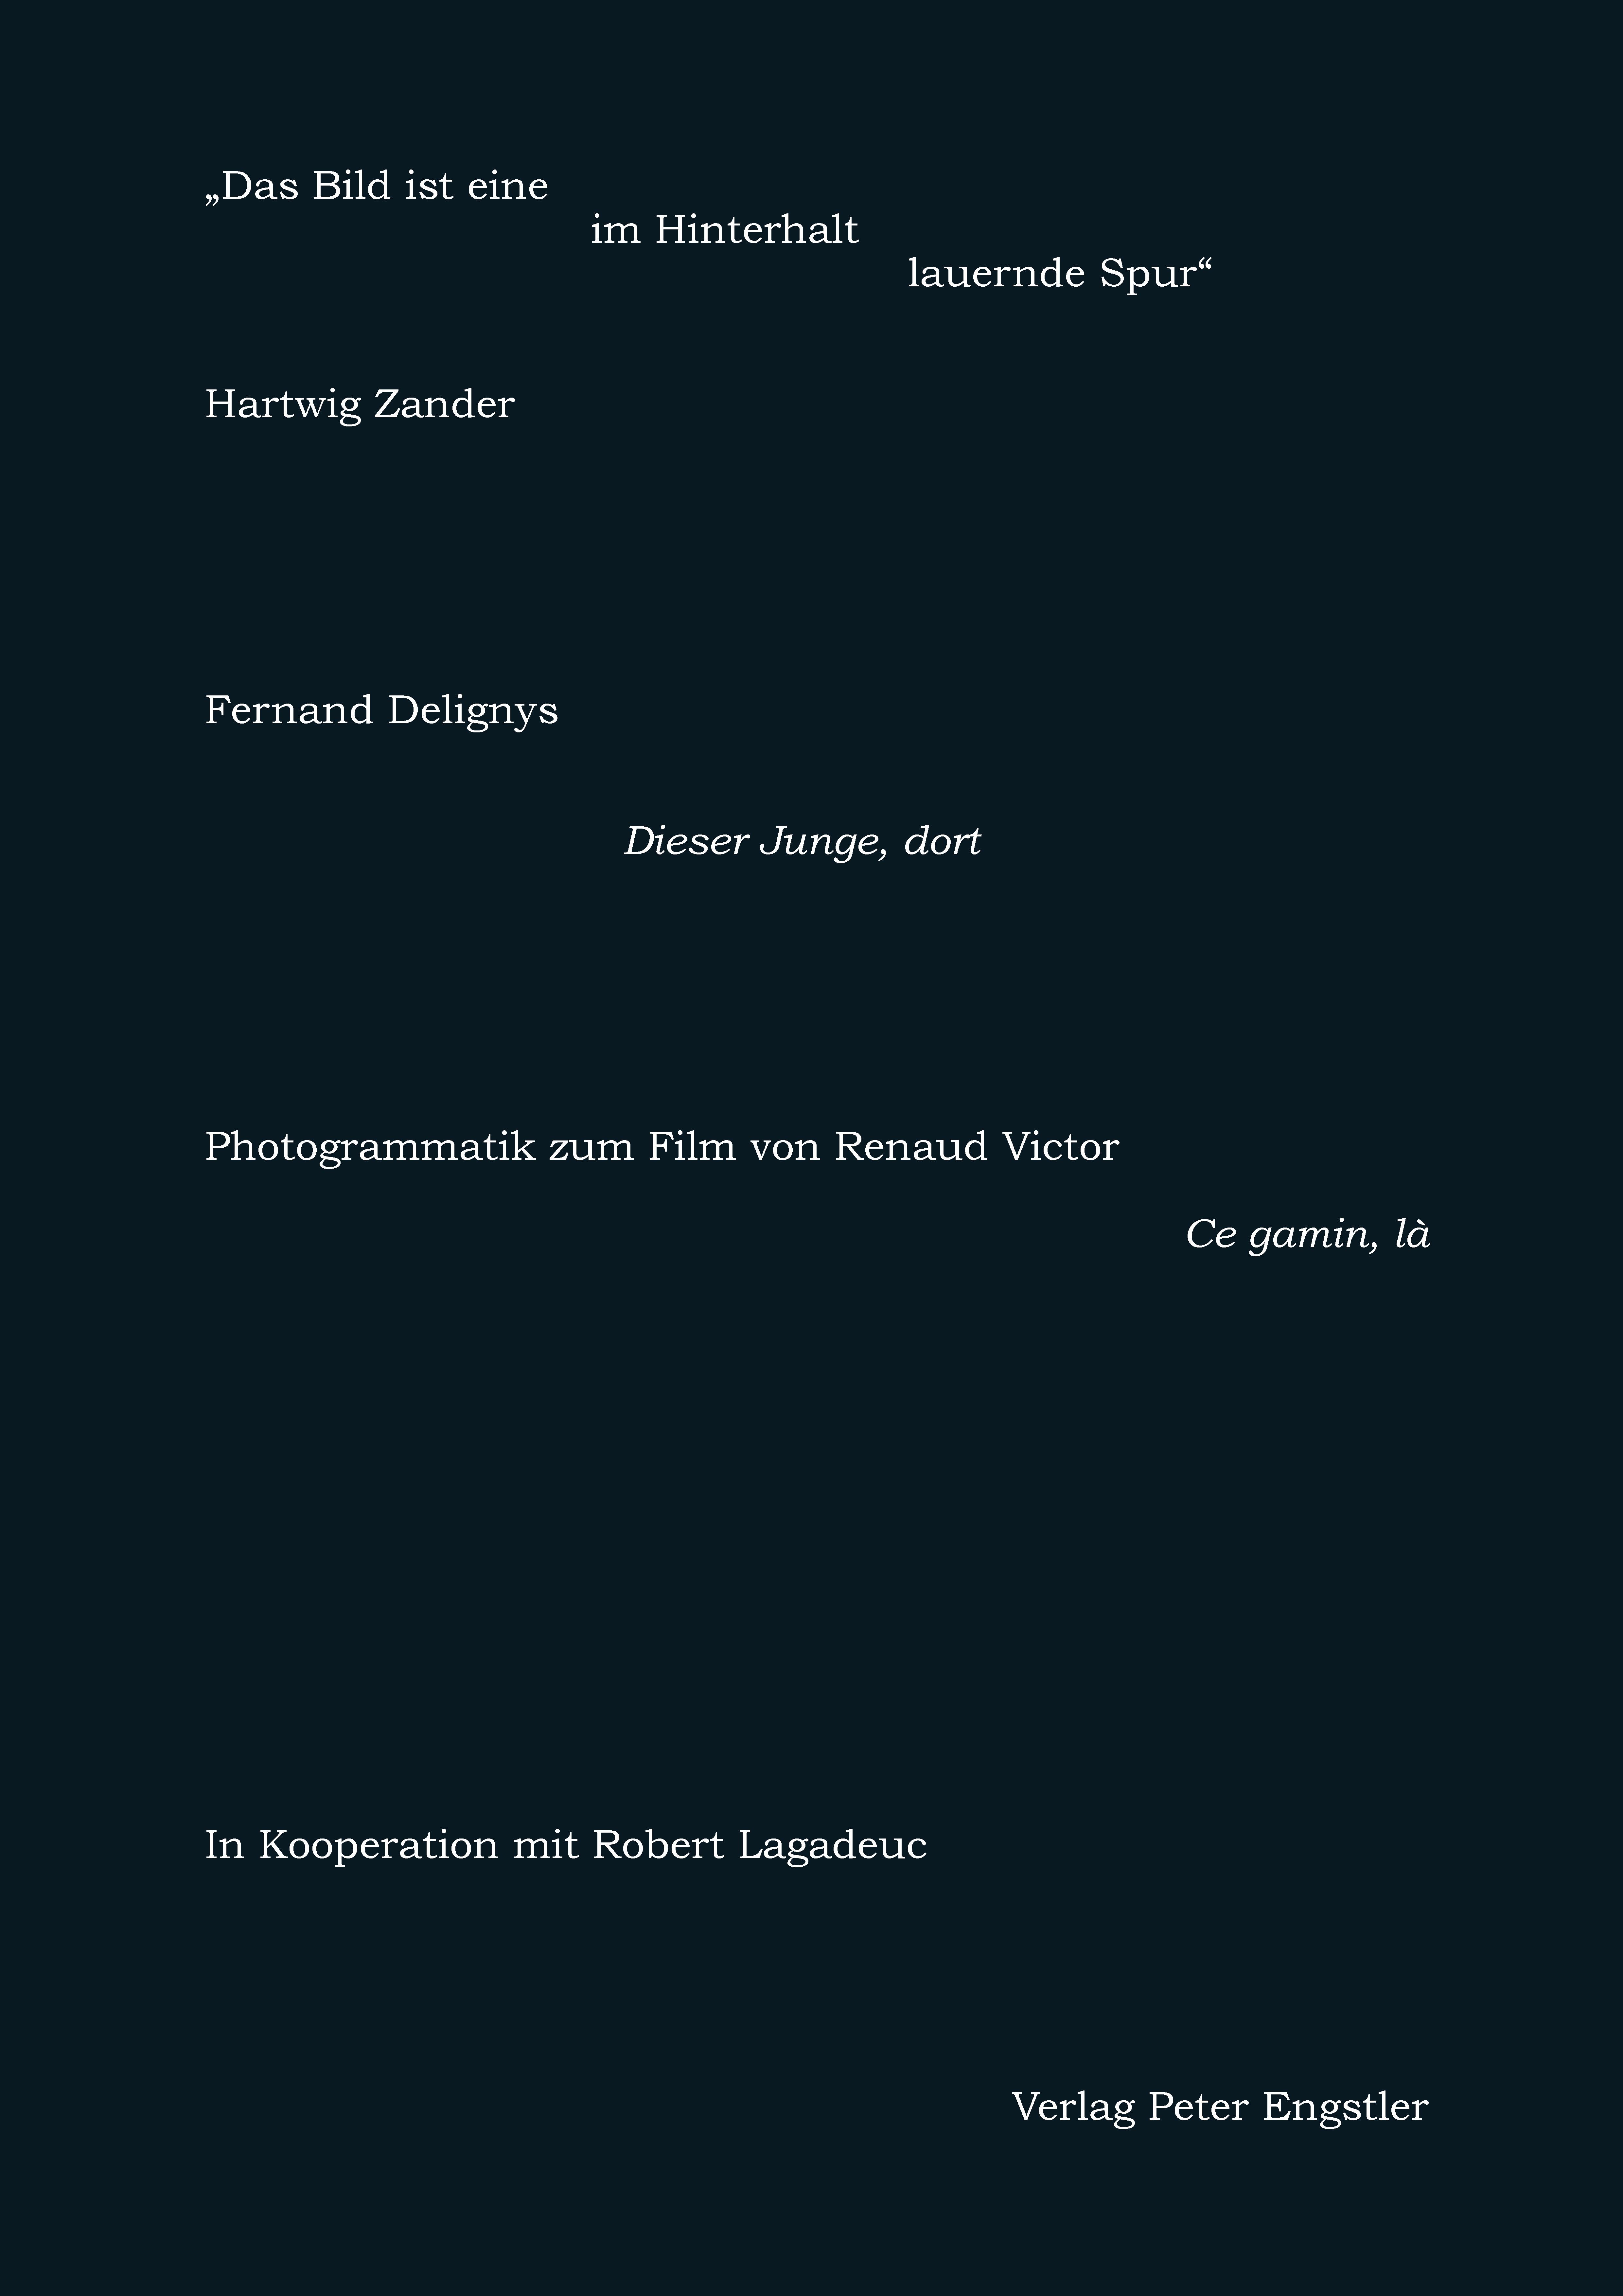 Zander, Hartwig: Das Bild ist eine im Hinterhalt lauernde Spur